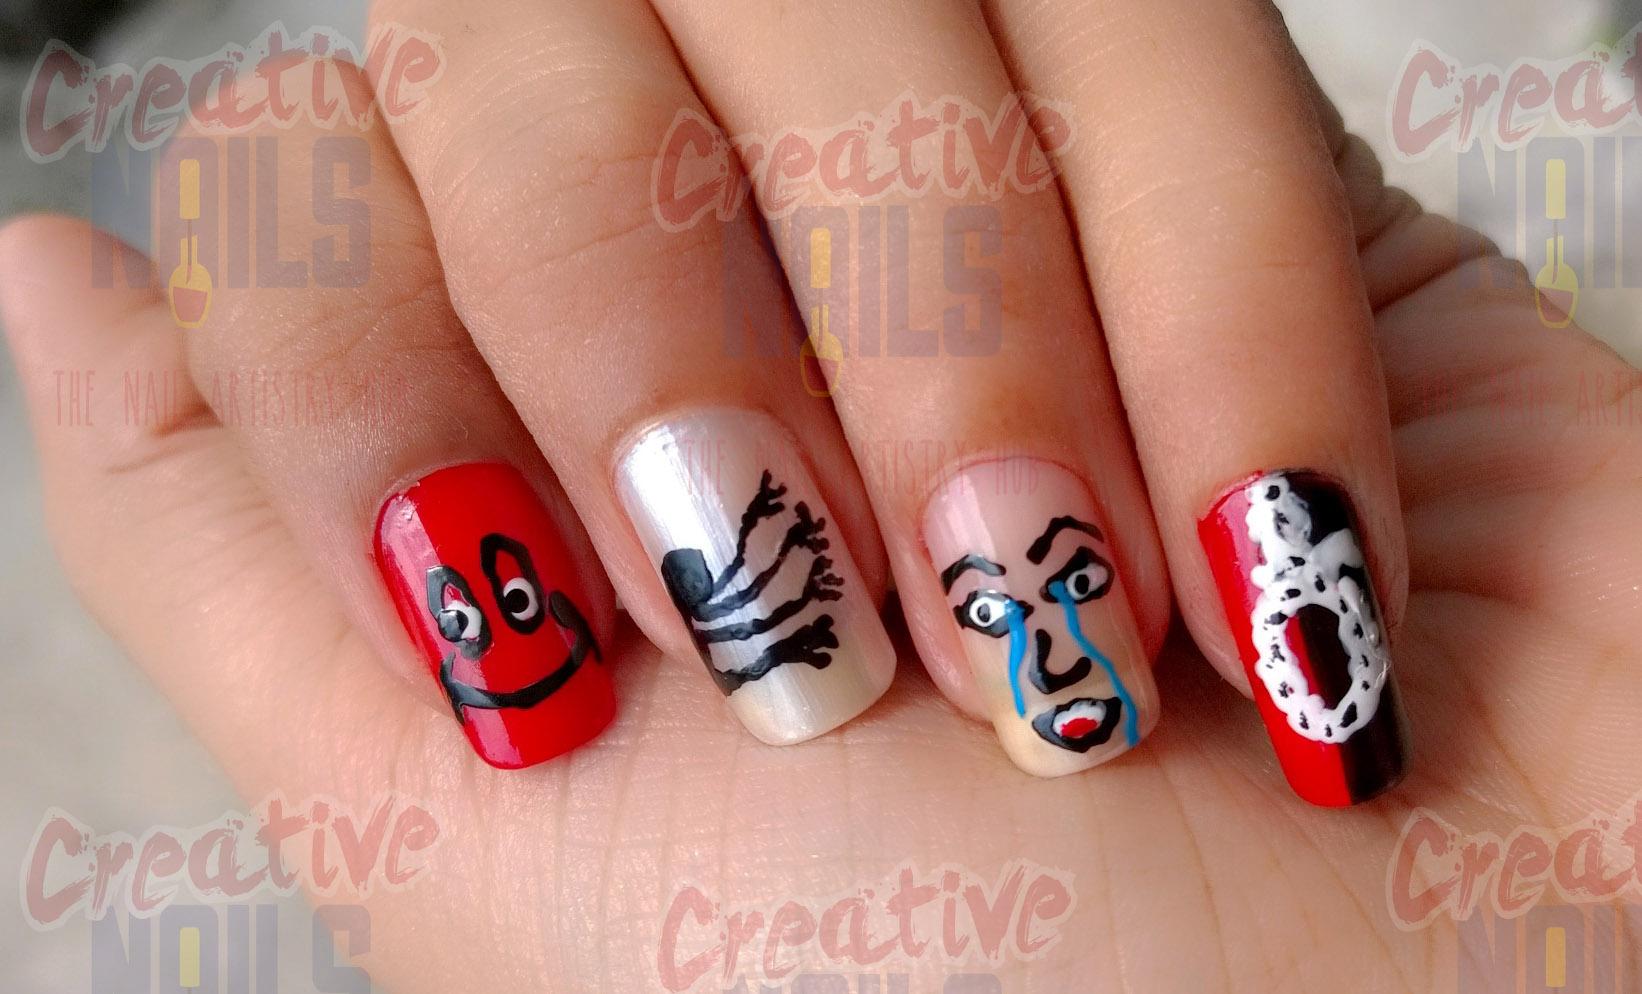 November 2014 – Creative Nails